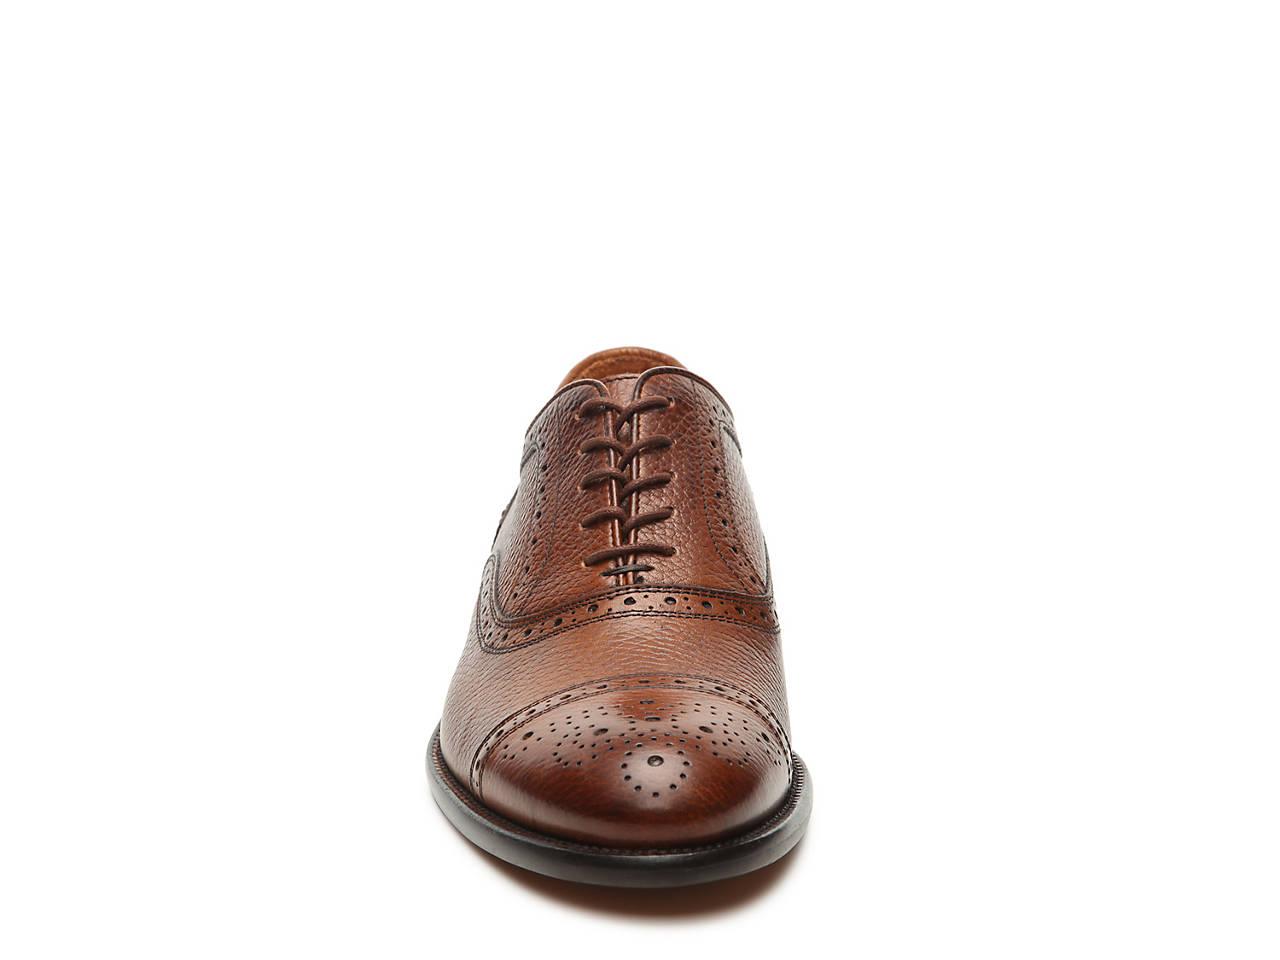 Mercanti Fiorentini Tumbled Cap Toe Oxford Men s Shoes  b7fdabbb722